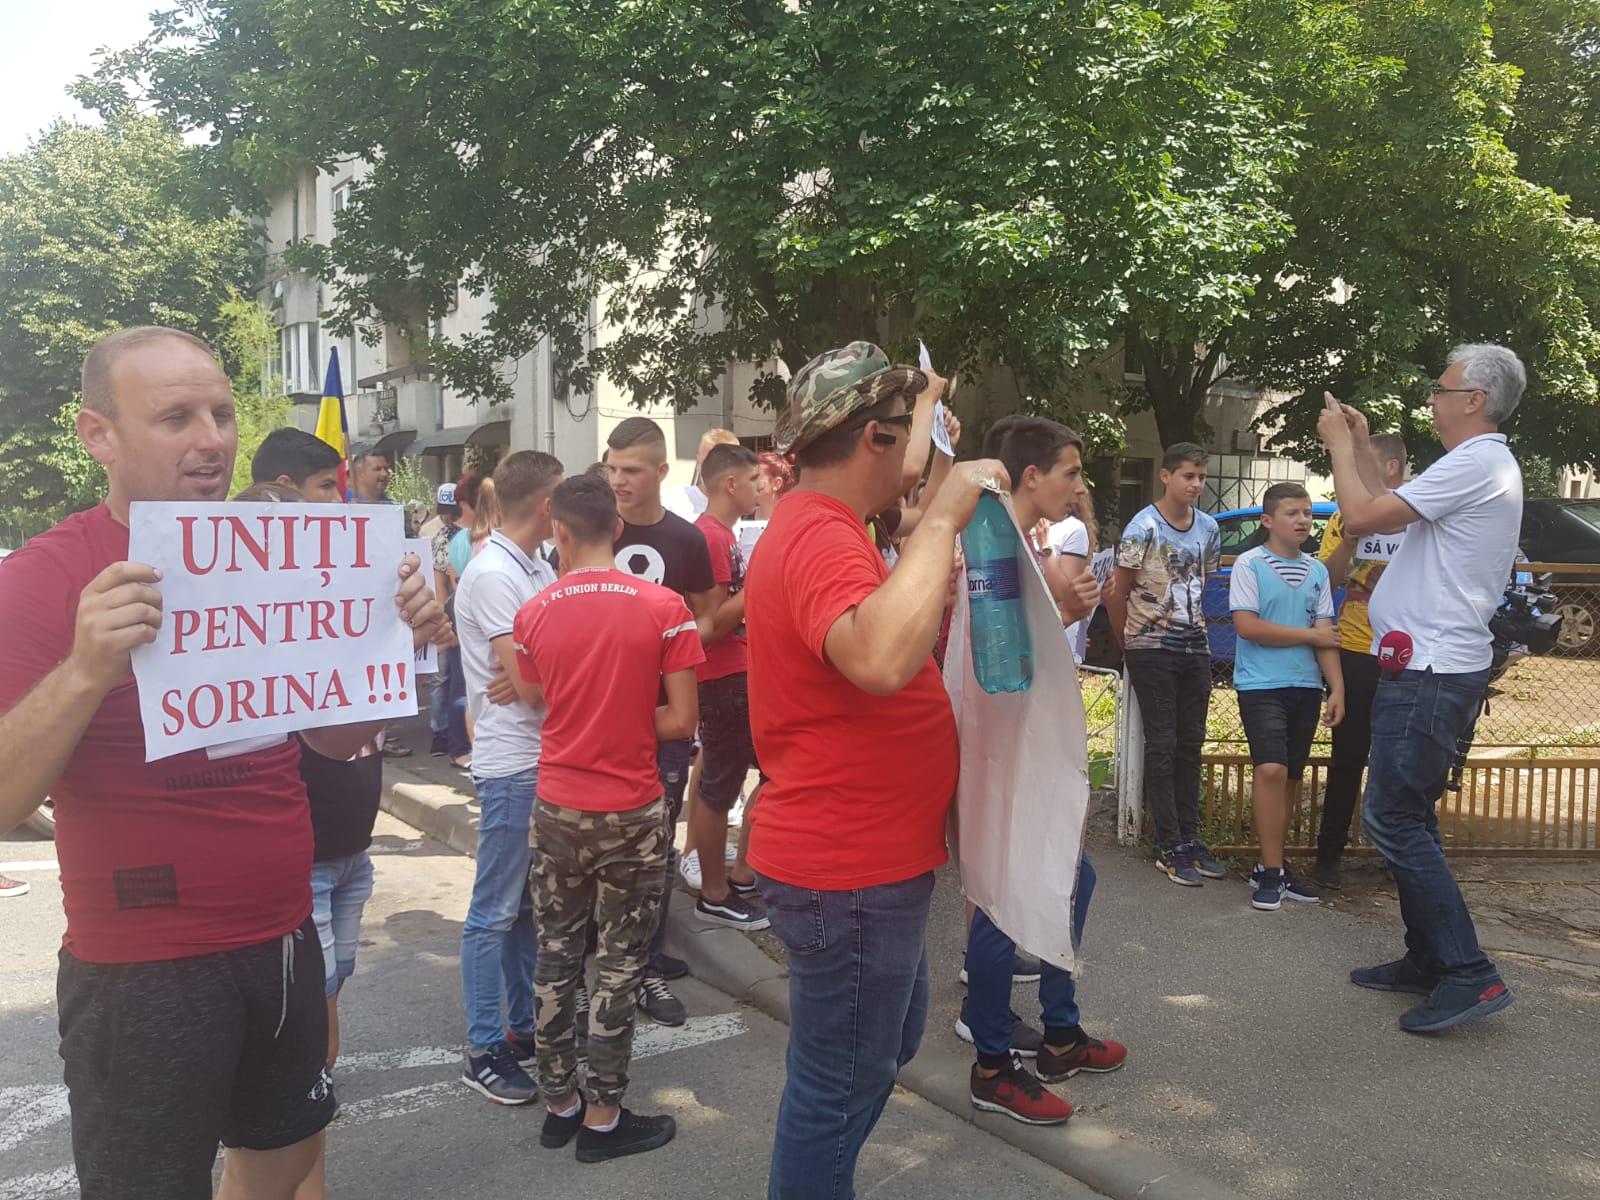 Cazul Sorina: Protestatarii sunt , în acest moment, în parcul din fața Prefecturii